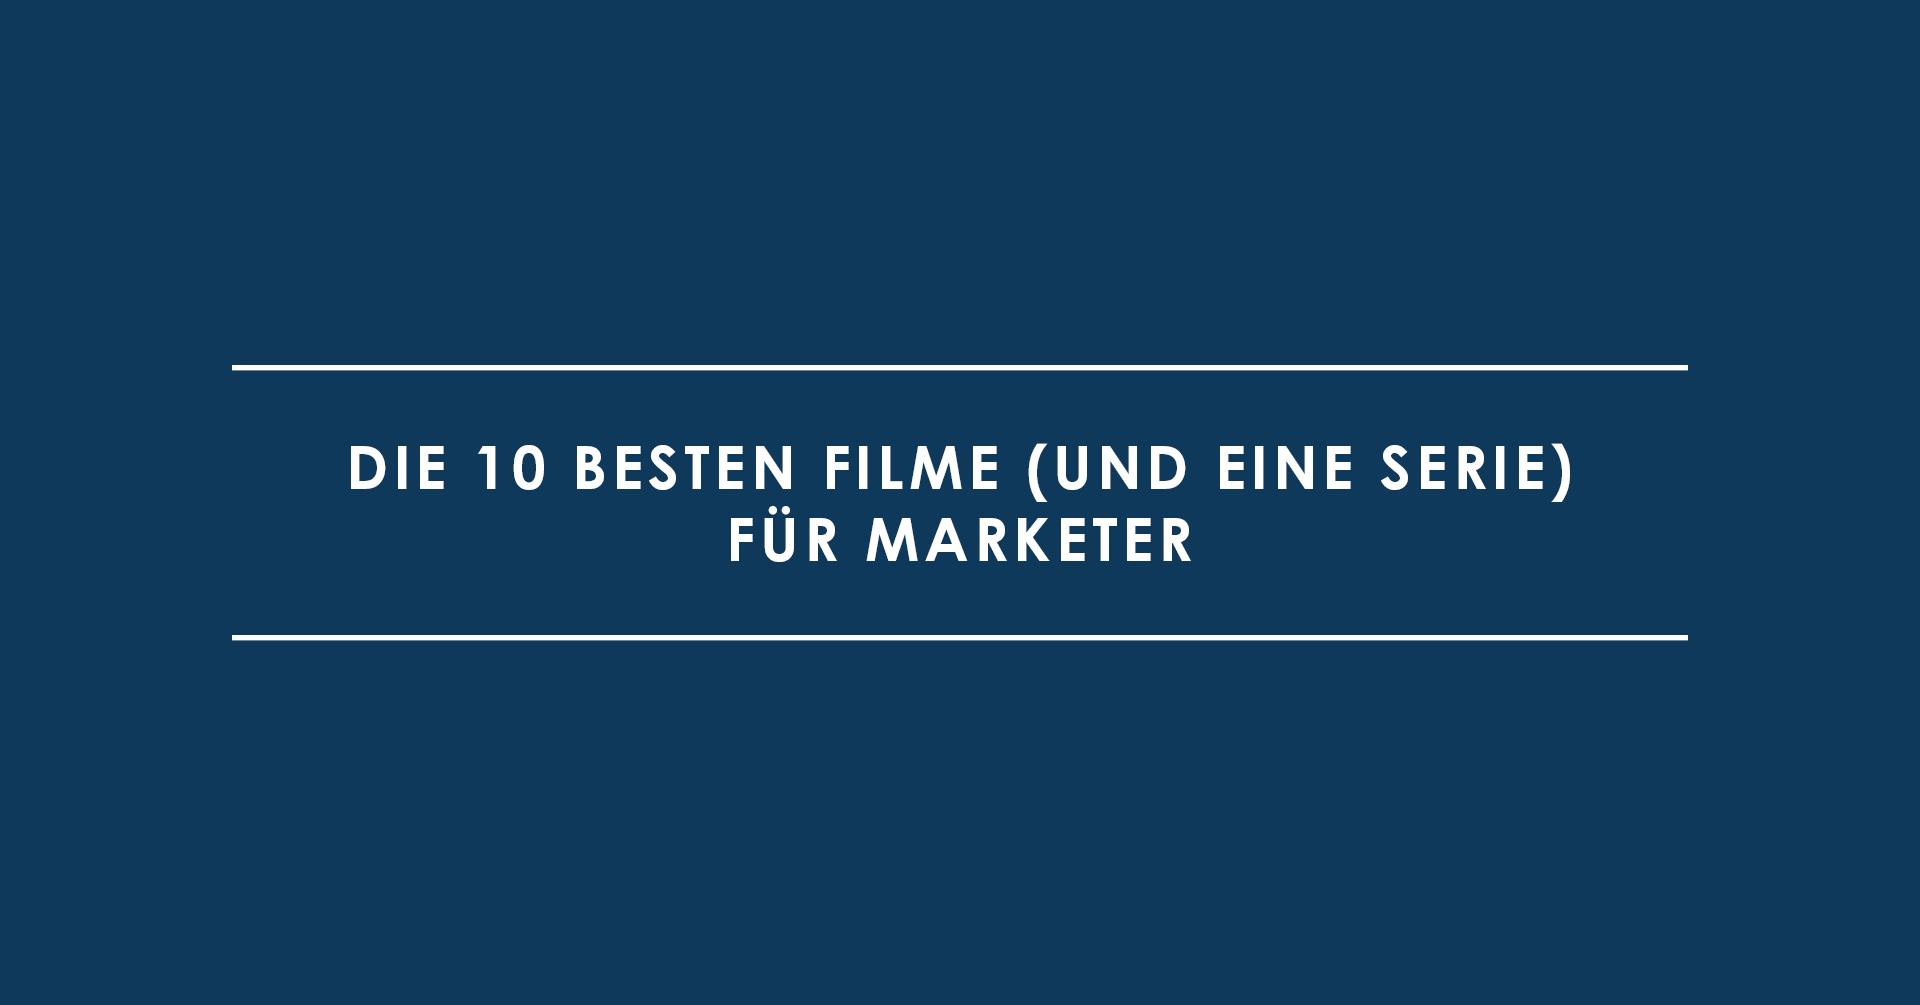 Die 10 besten Filme (und eine Serie) für Marketer